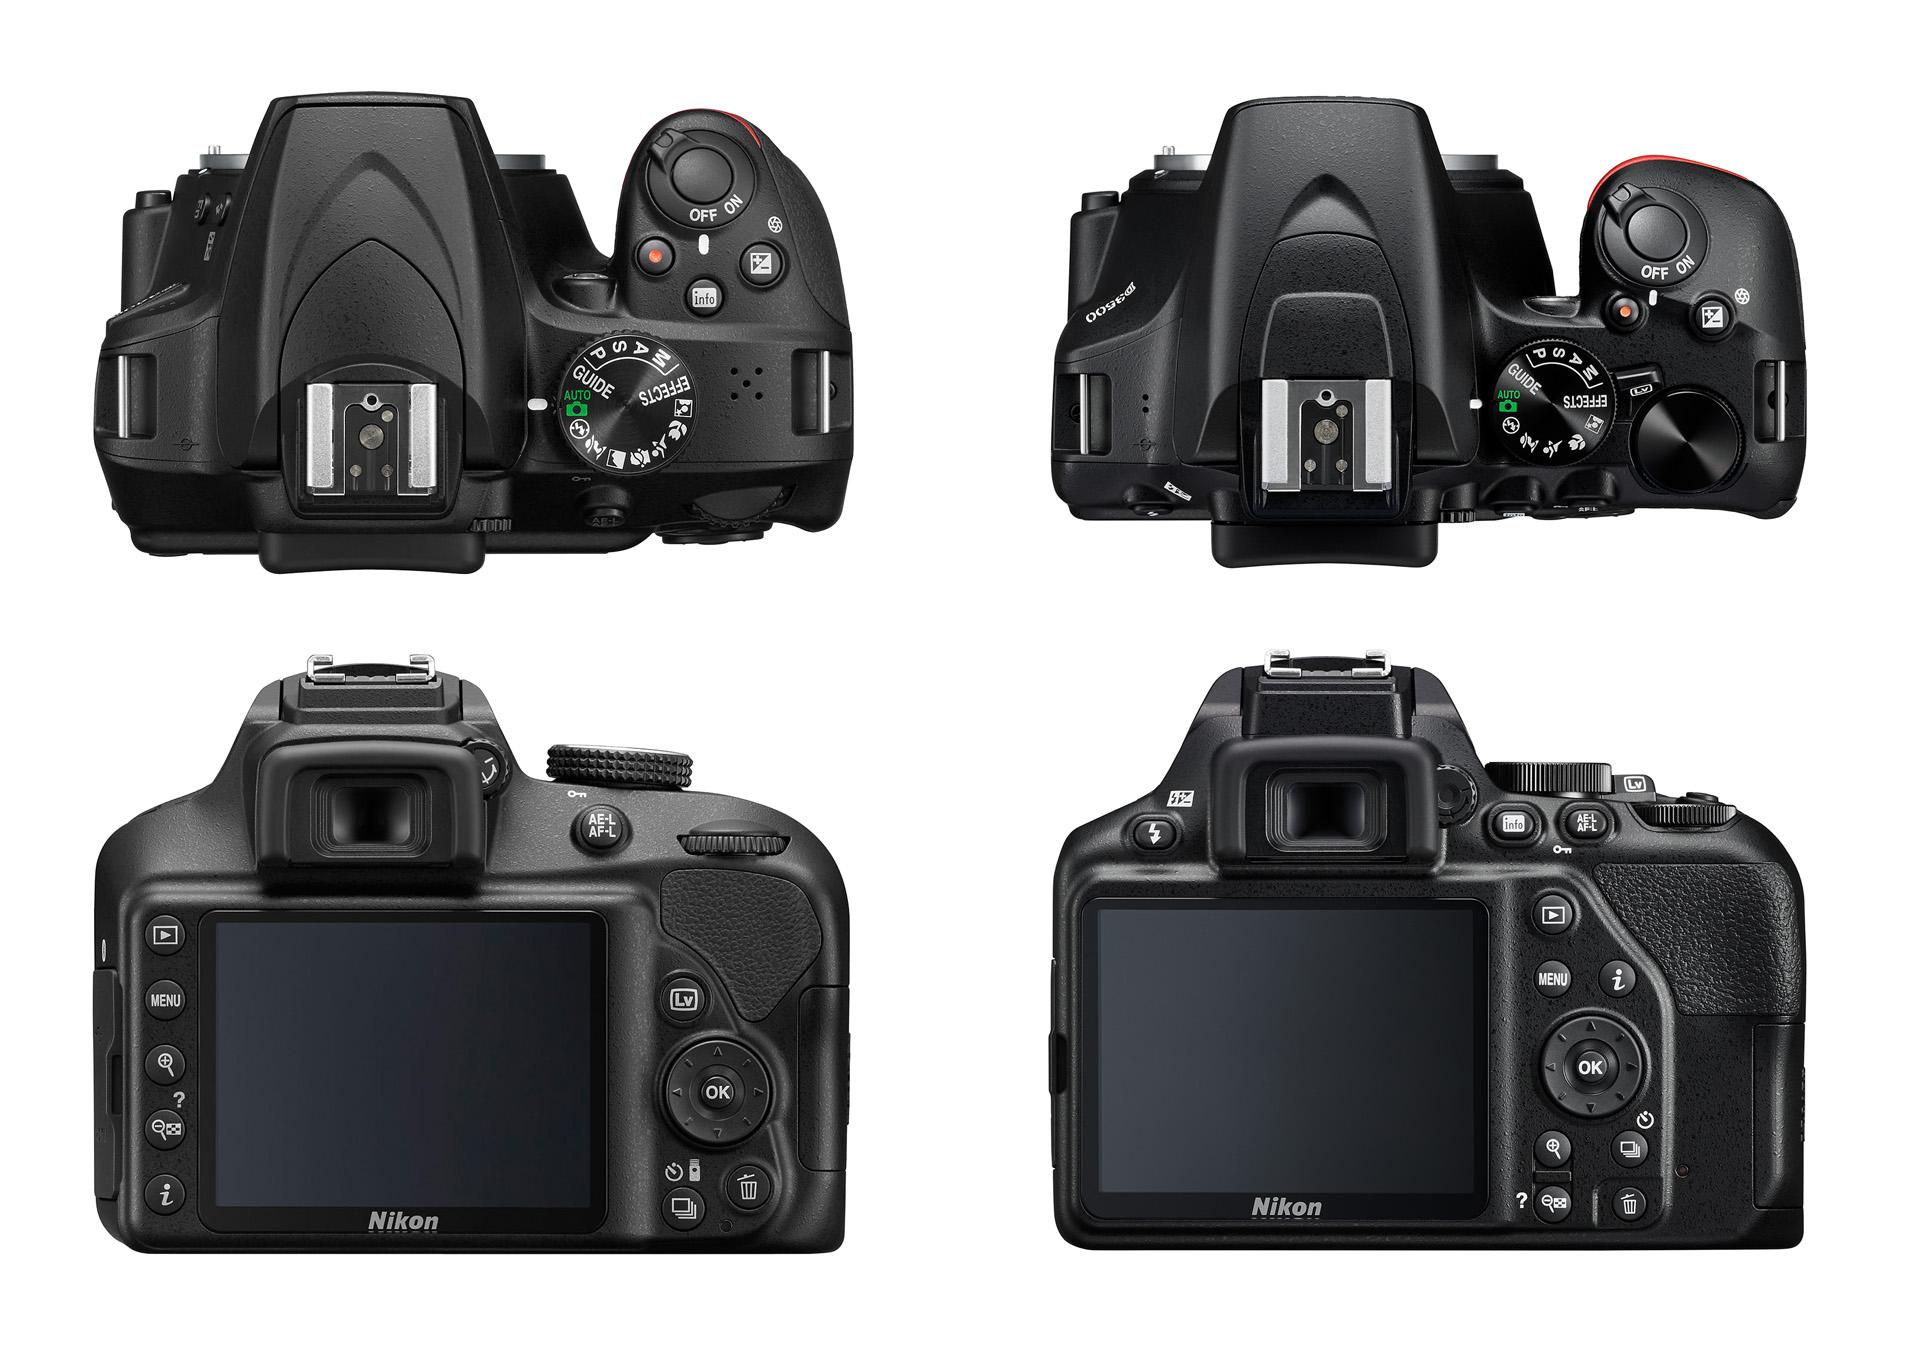 Porovnání Nikonu D3500 se starším modelem D3400 (vlevo)